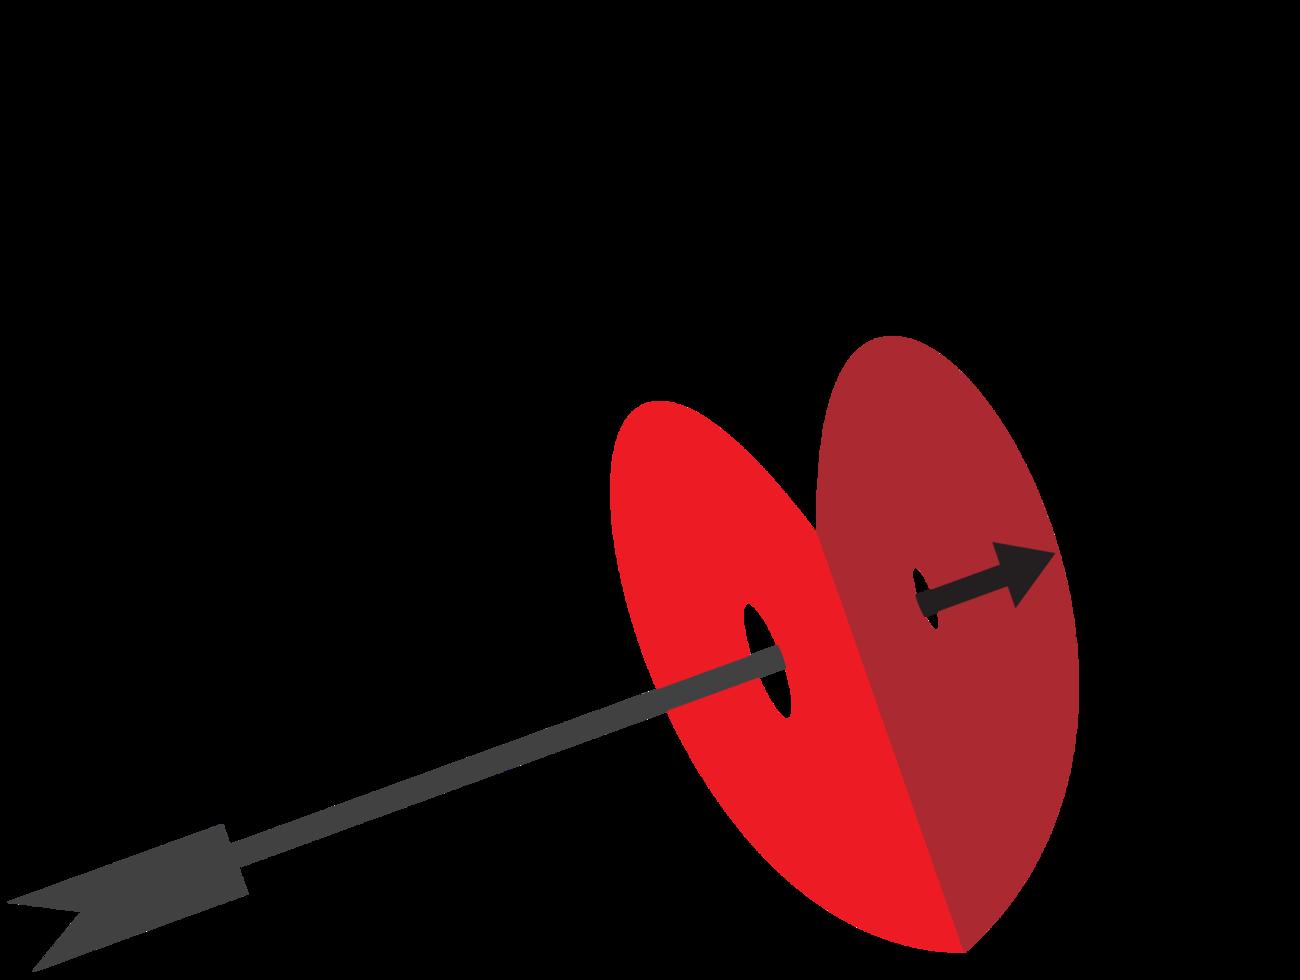 freccia attraverso il cuore png